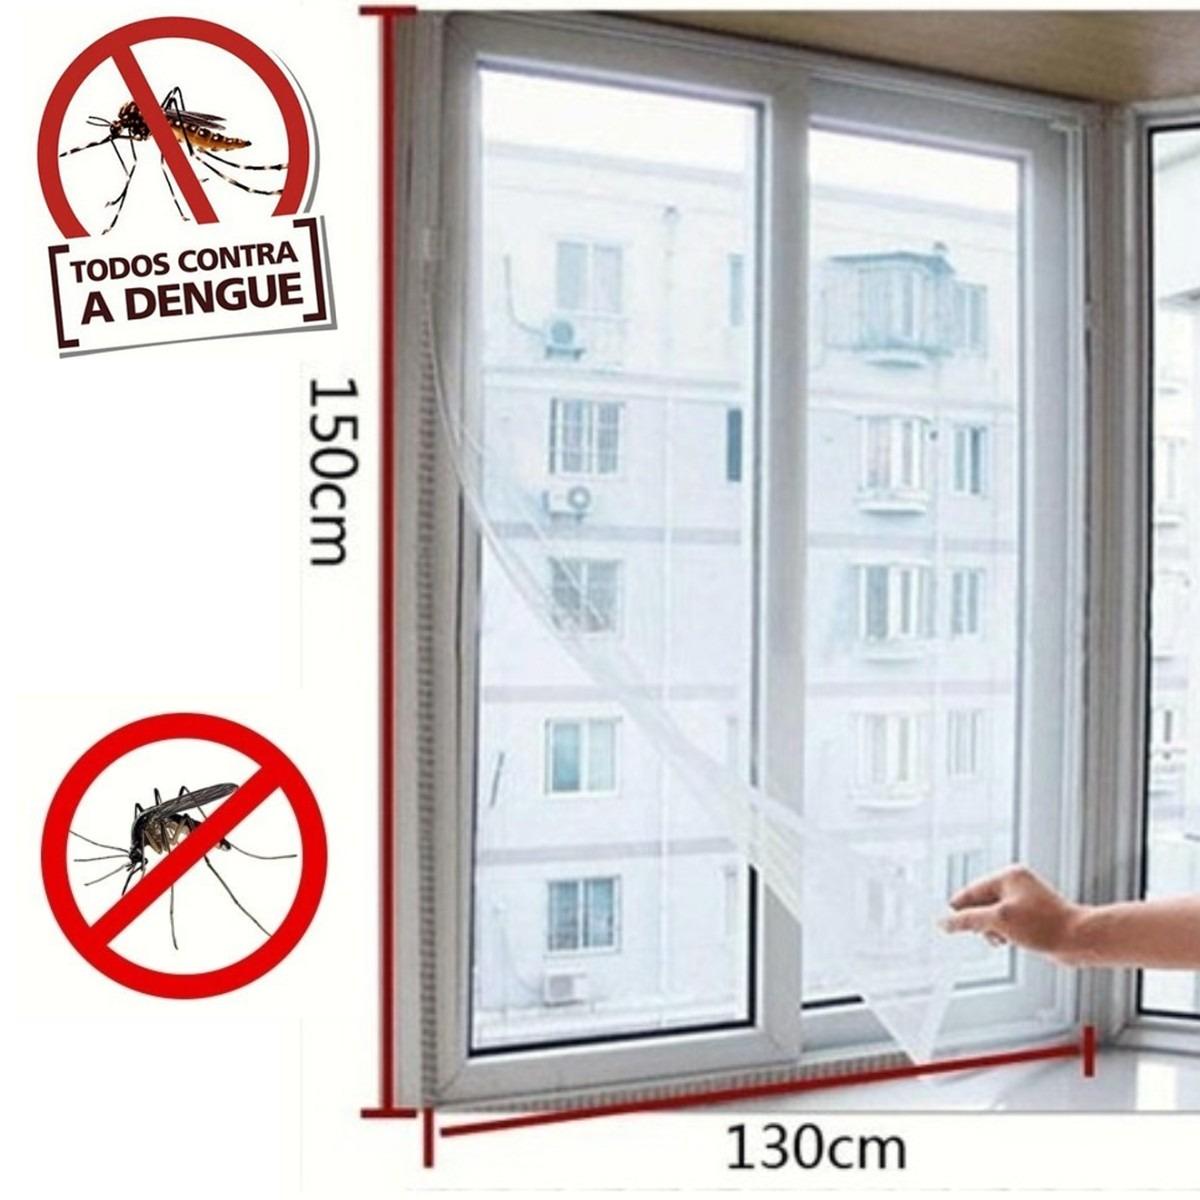 #BD0E0E Tela De Janela Protetora Contra Insetos E Mosquito Da Dengue R$ 26  230 Janelas De Vidro Para Quarto Mercado Livre